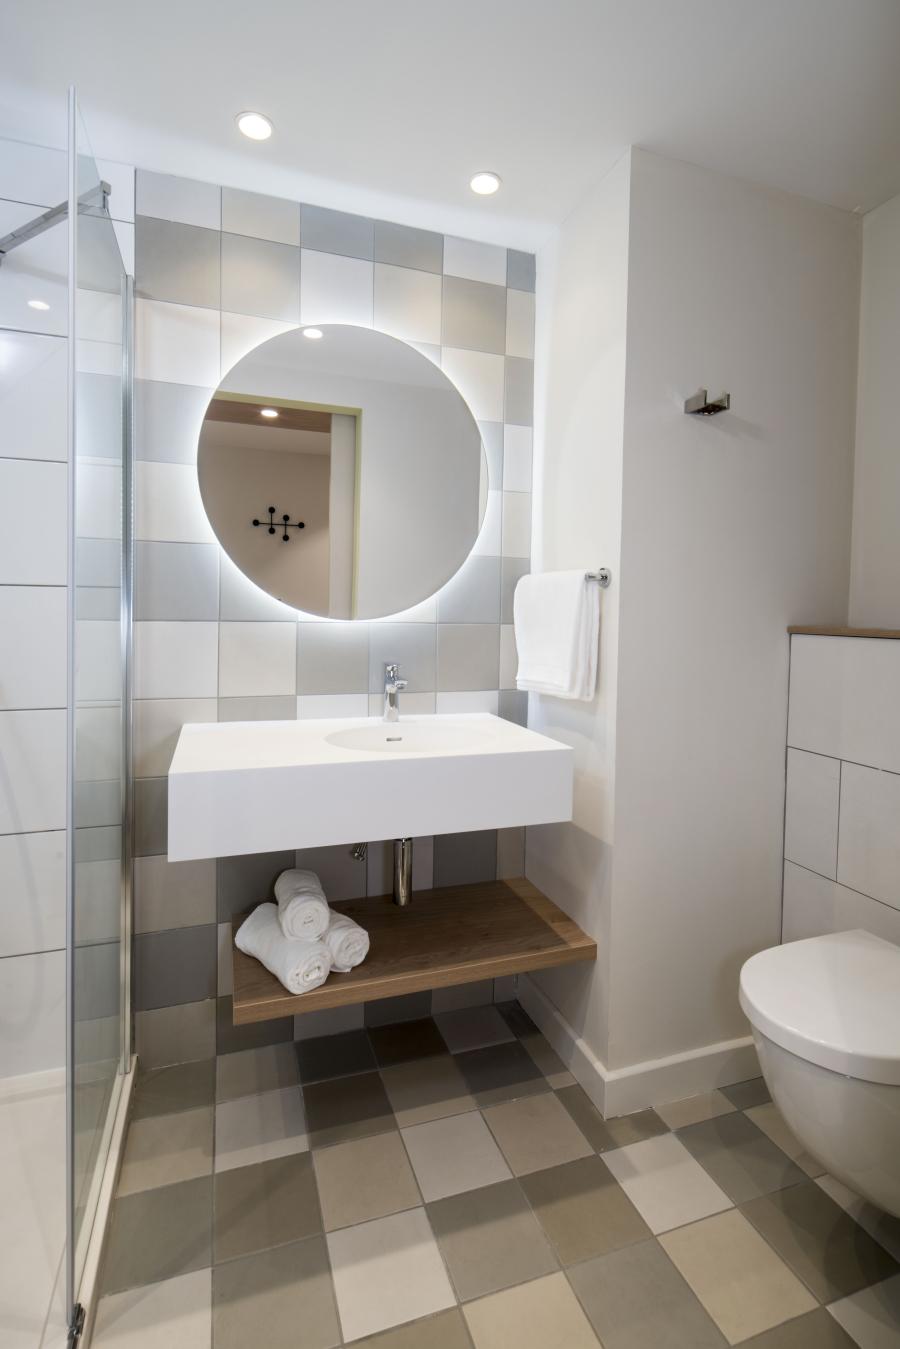 Hotel bathroom vanity unit and circular mirror